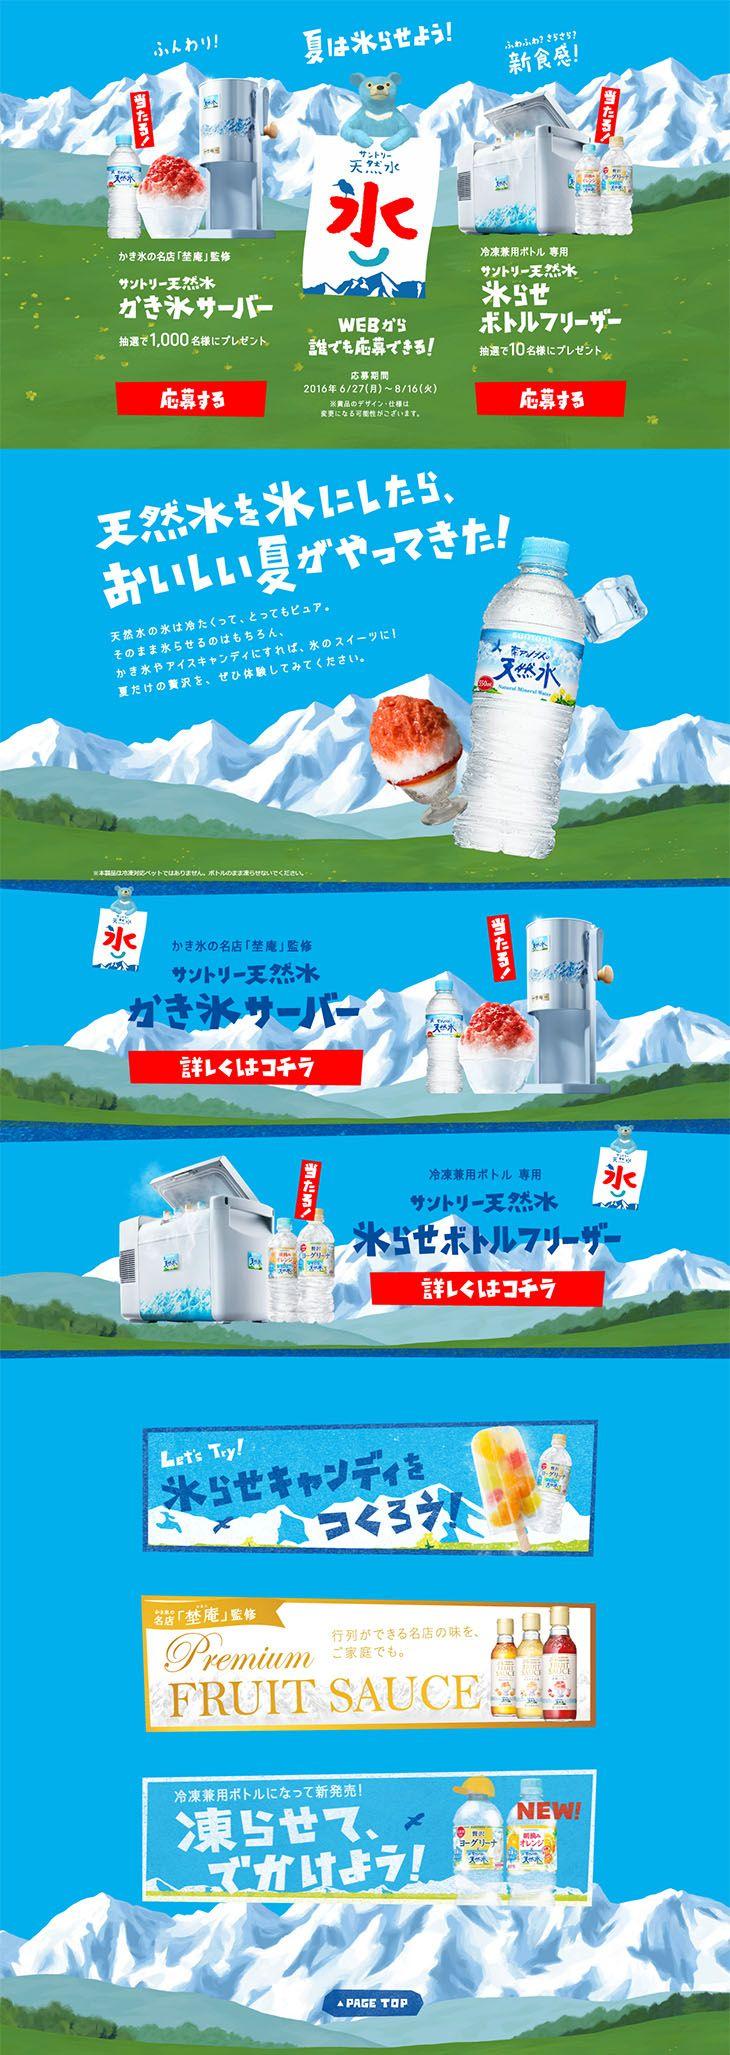 天然水かき氷キャンペーン【インターネットサービス関連】のLPデザイン。WEBデザイナーさん必見!ランディングページのデザイン参考に(かわいい系)